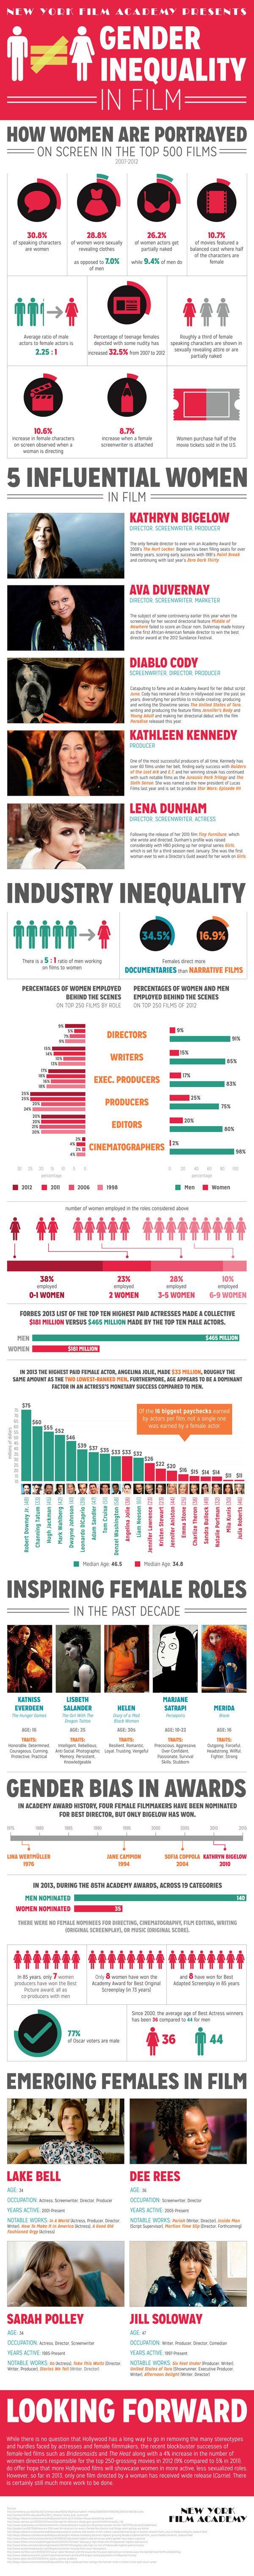 ¿Tan sexista es el cine? Desigualdad de género en el cine.